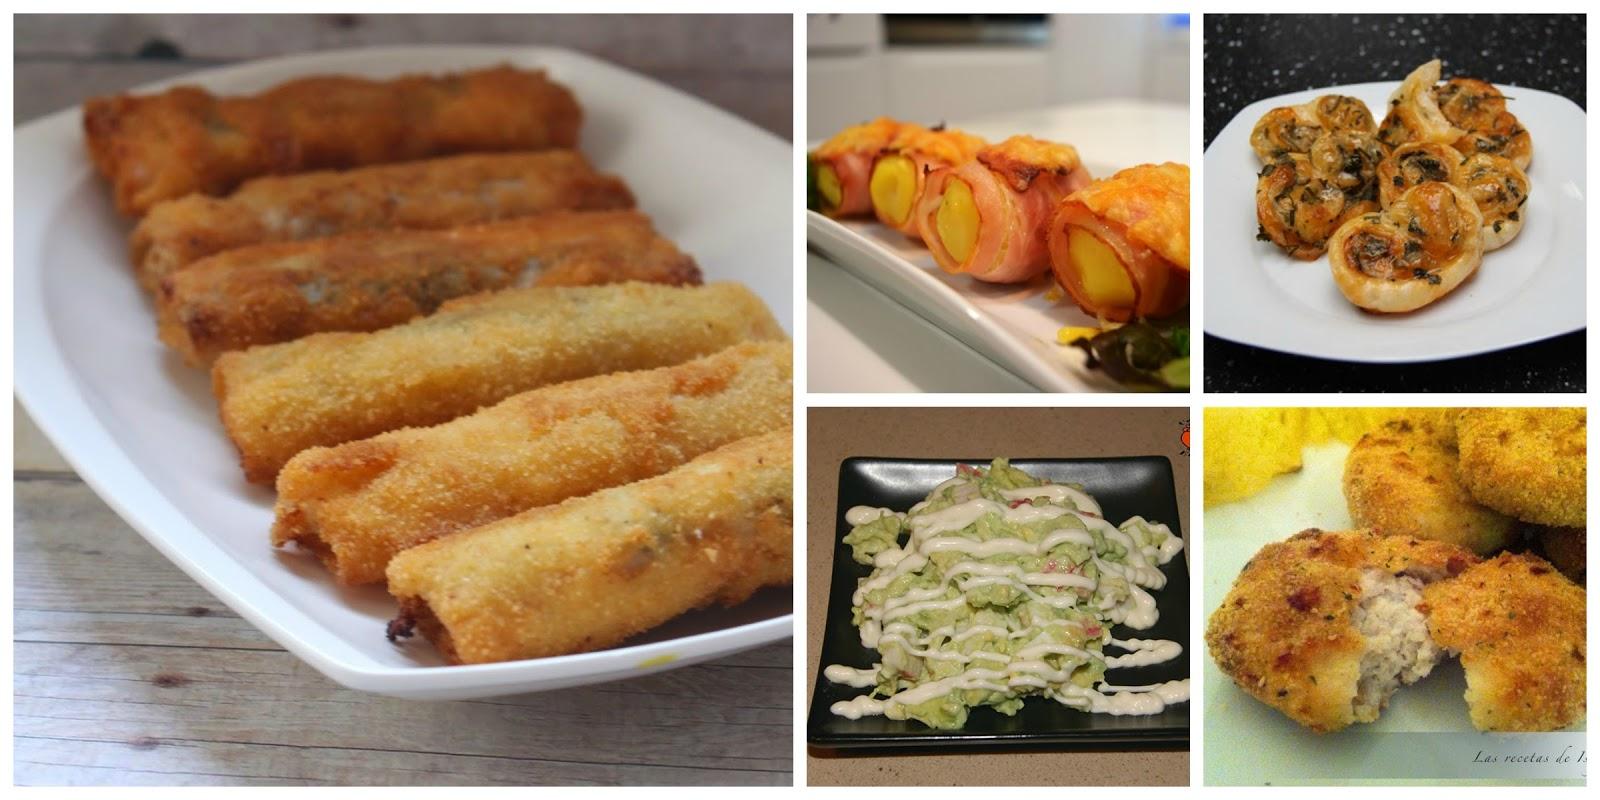 Cocina facil y elaborada 5 aperitivos faciles y rapidos - Platos rapidos y sencillos ...